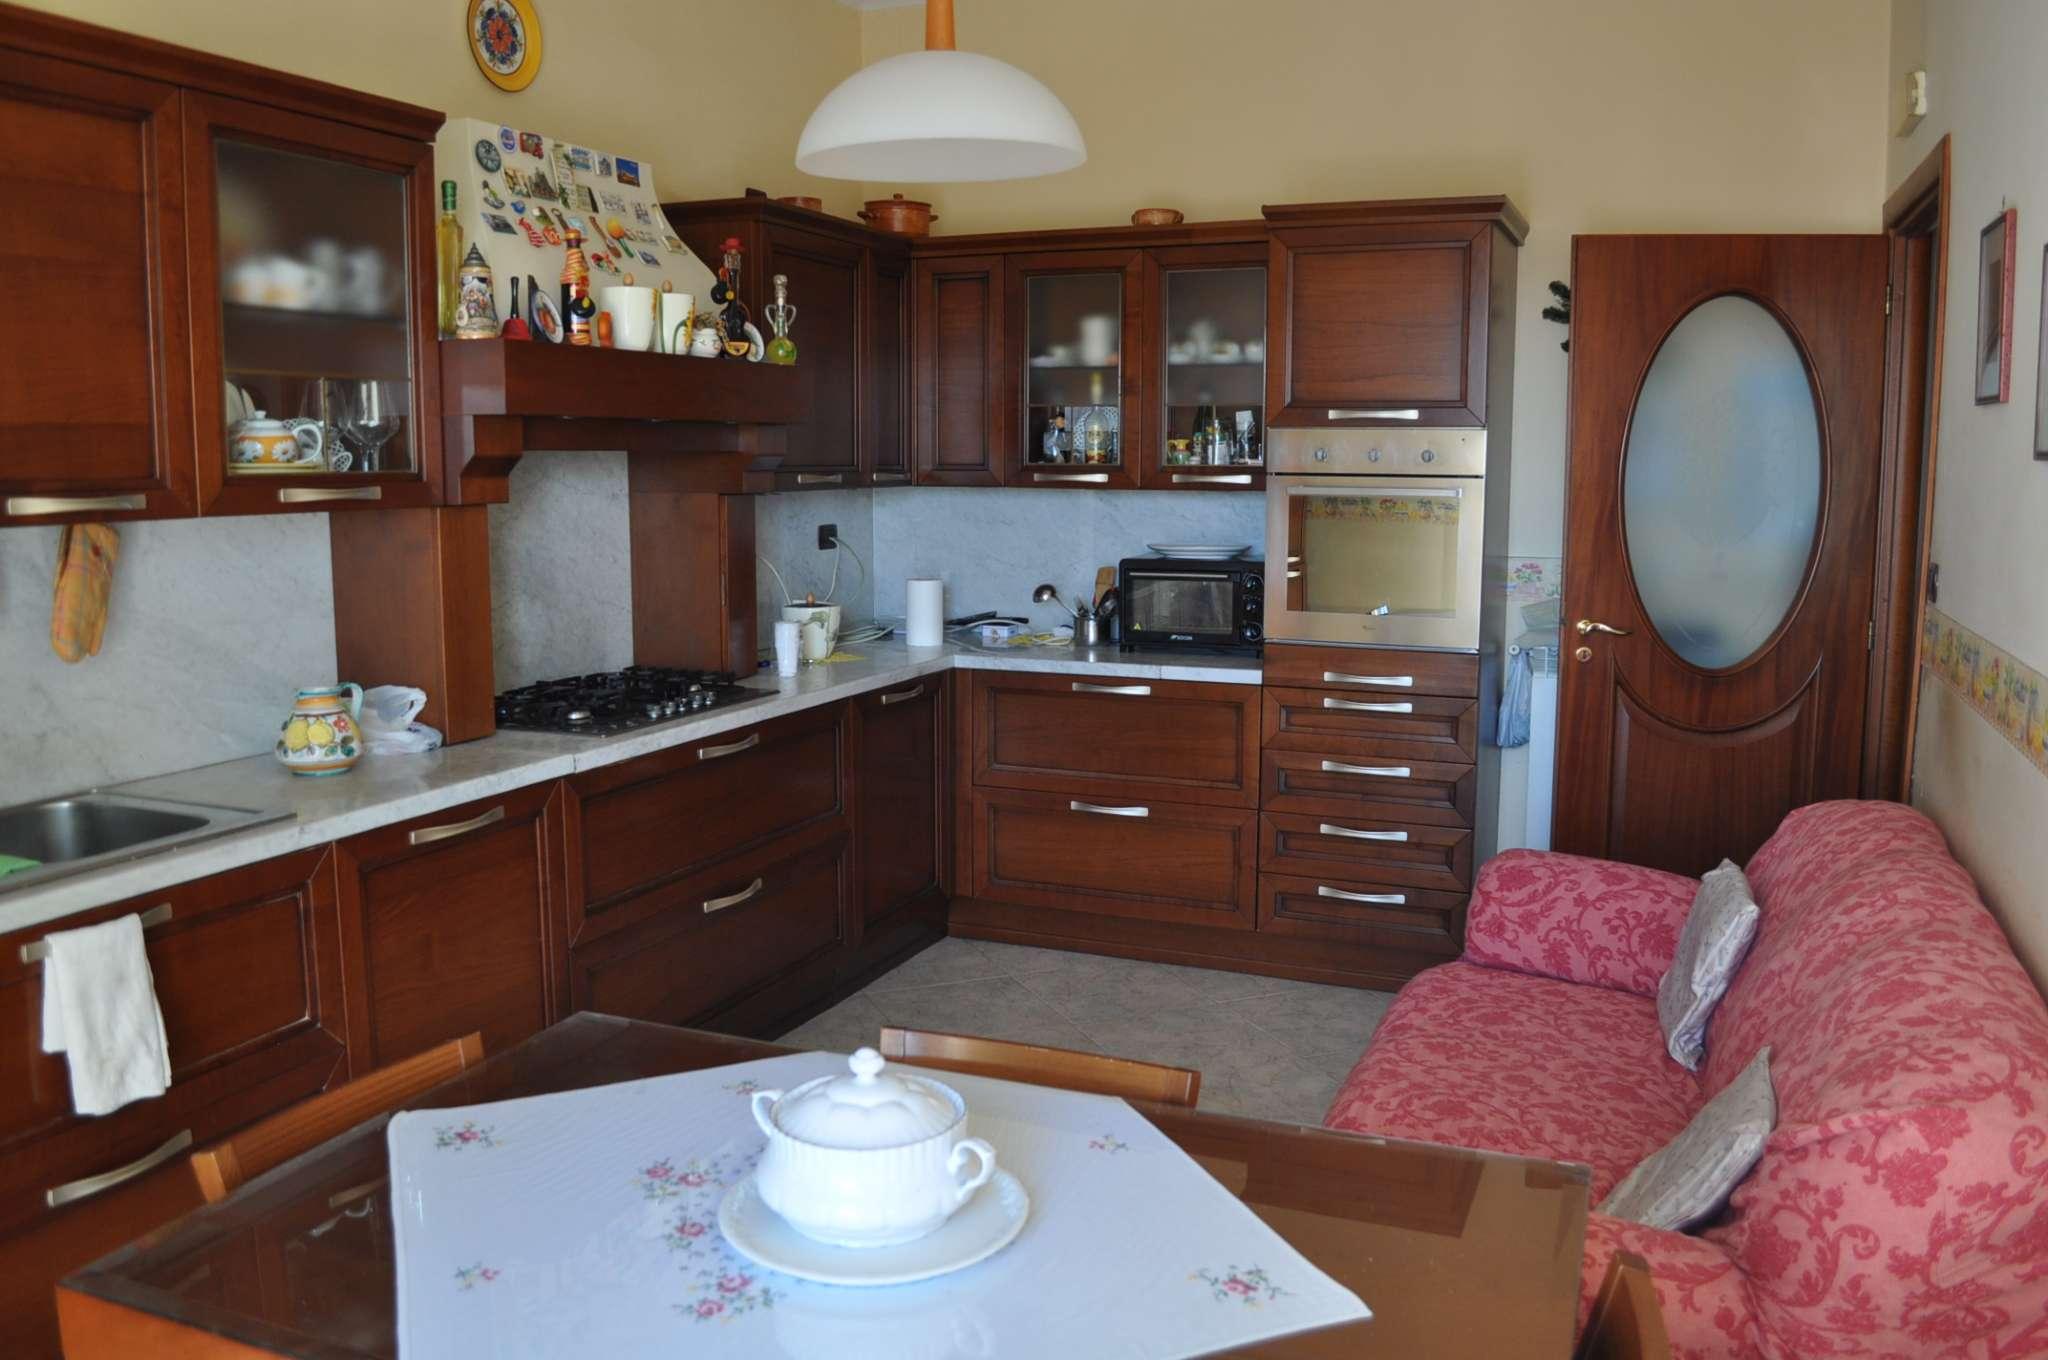 Stanza / posto letto in affitto Rif. 8139335